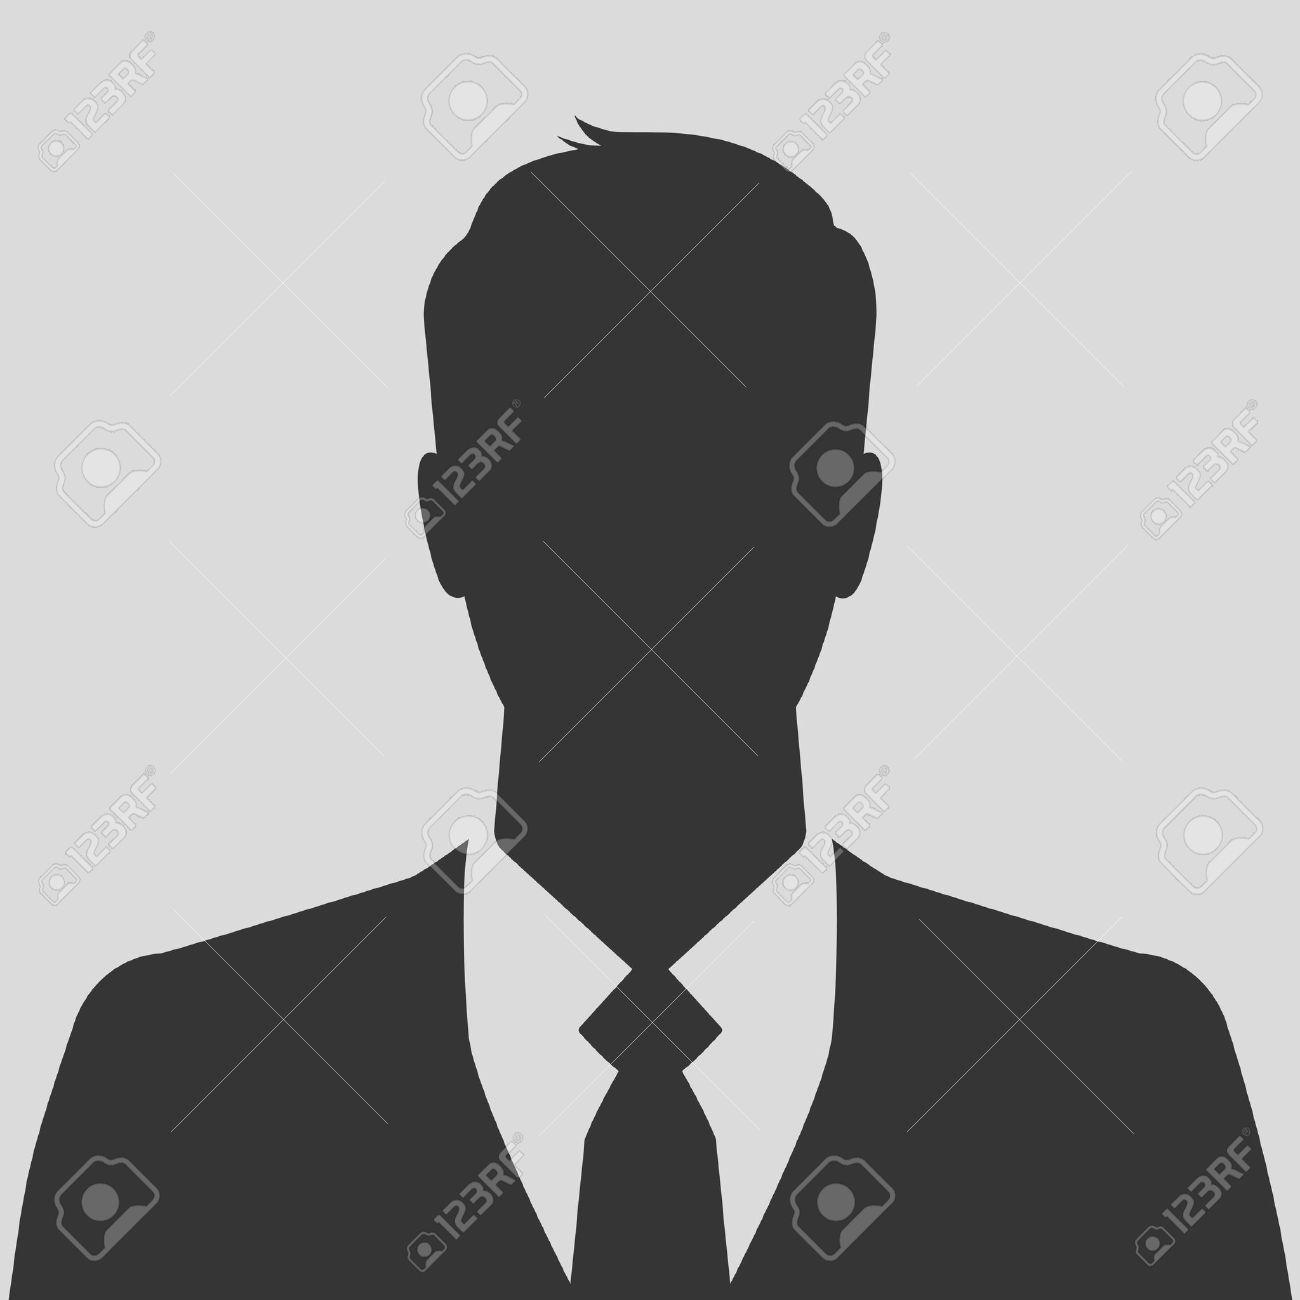 Businessman silhouette avatar profile picture - 29213190